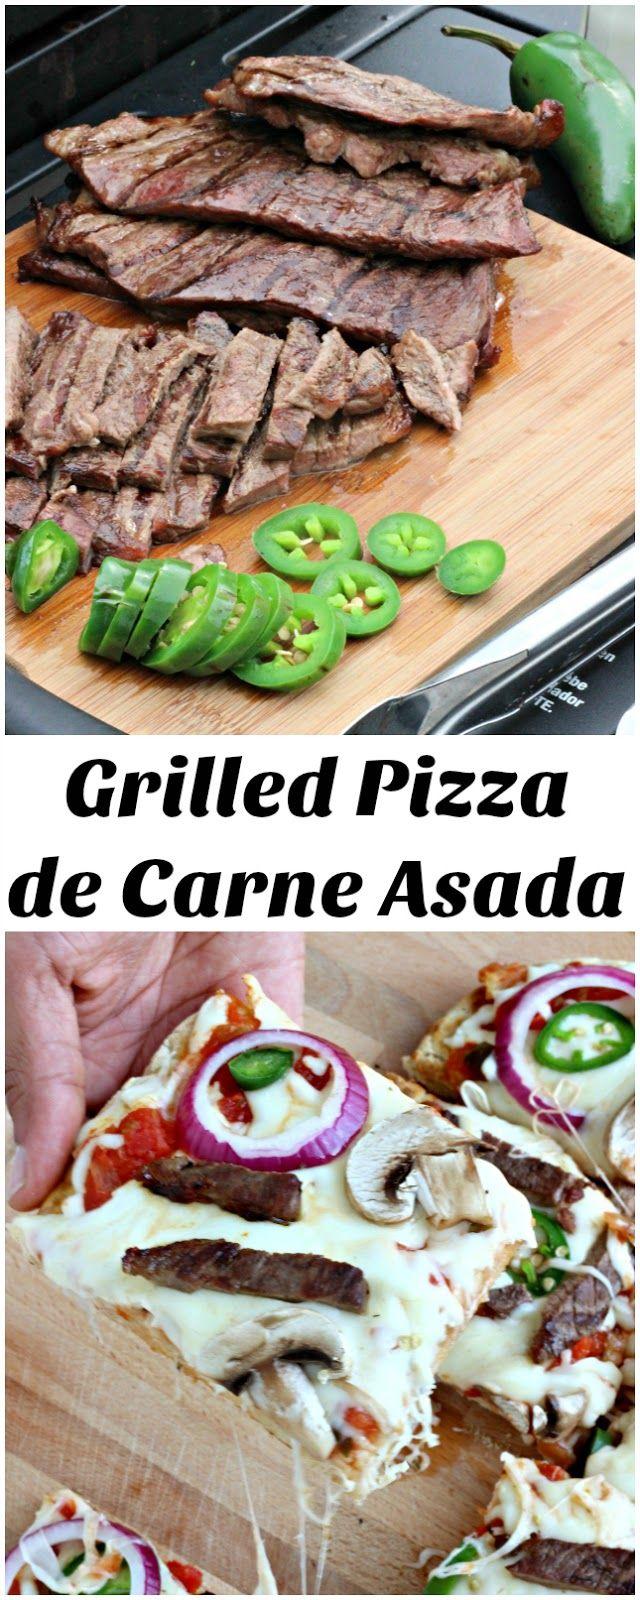 die besten 25 grill para pizza ideen auf pinterest feuerstelle bbq moderne pizza fen im. Black Bedroom Furniture Sets. Home Design Ideas